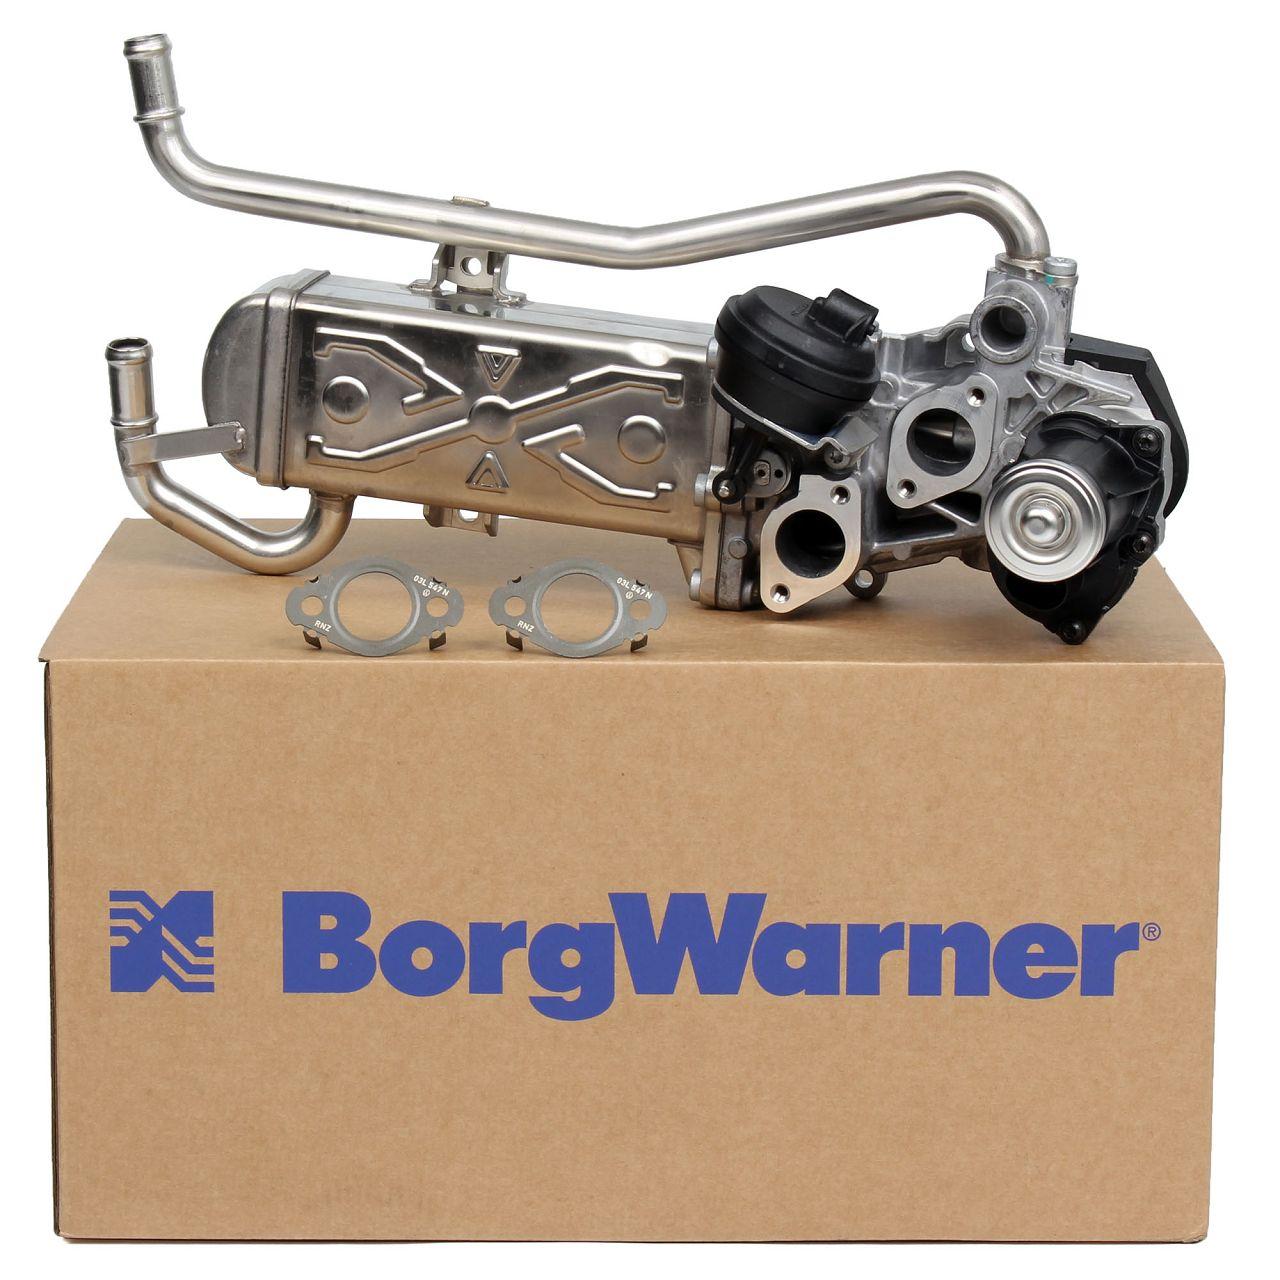 WAHLER AGR Ventil + Kühler + Dichtungen SEAT Ibiza 4 SKODA Fabia 2 VW Polo 6R 6C 1.2 TDI